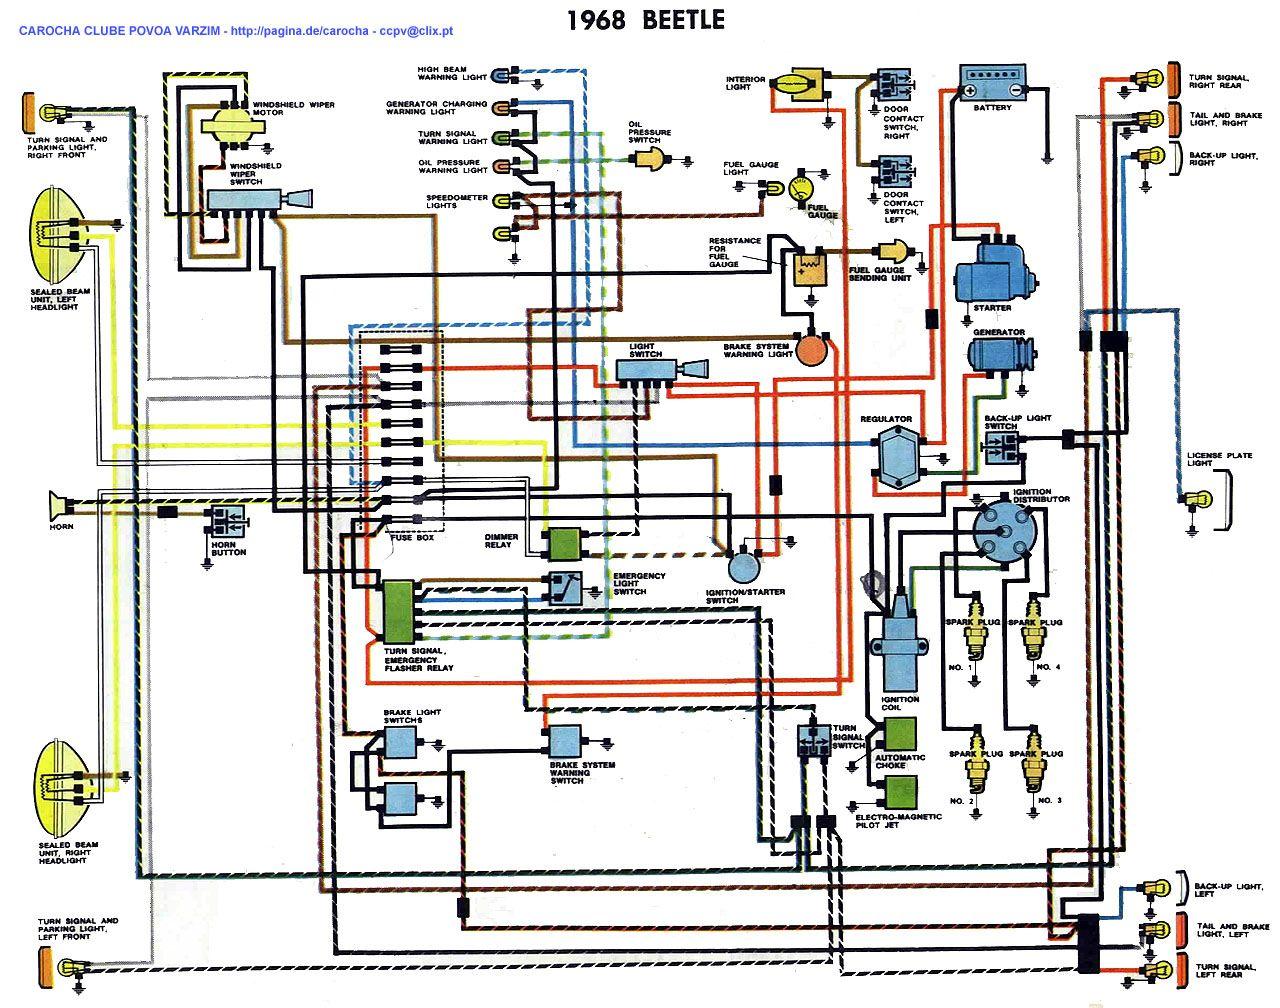 esquema eletrico 68